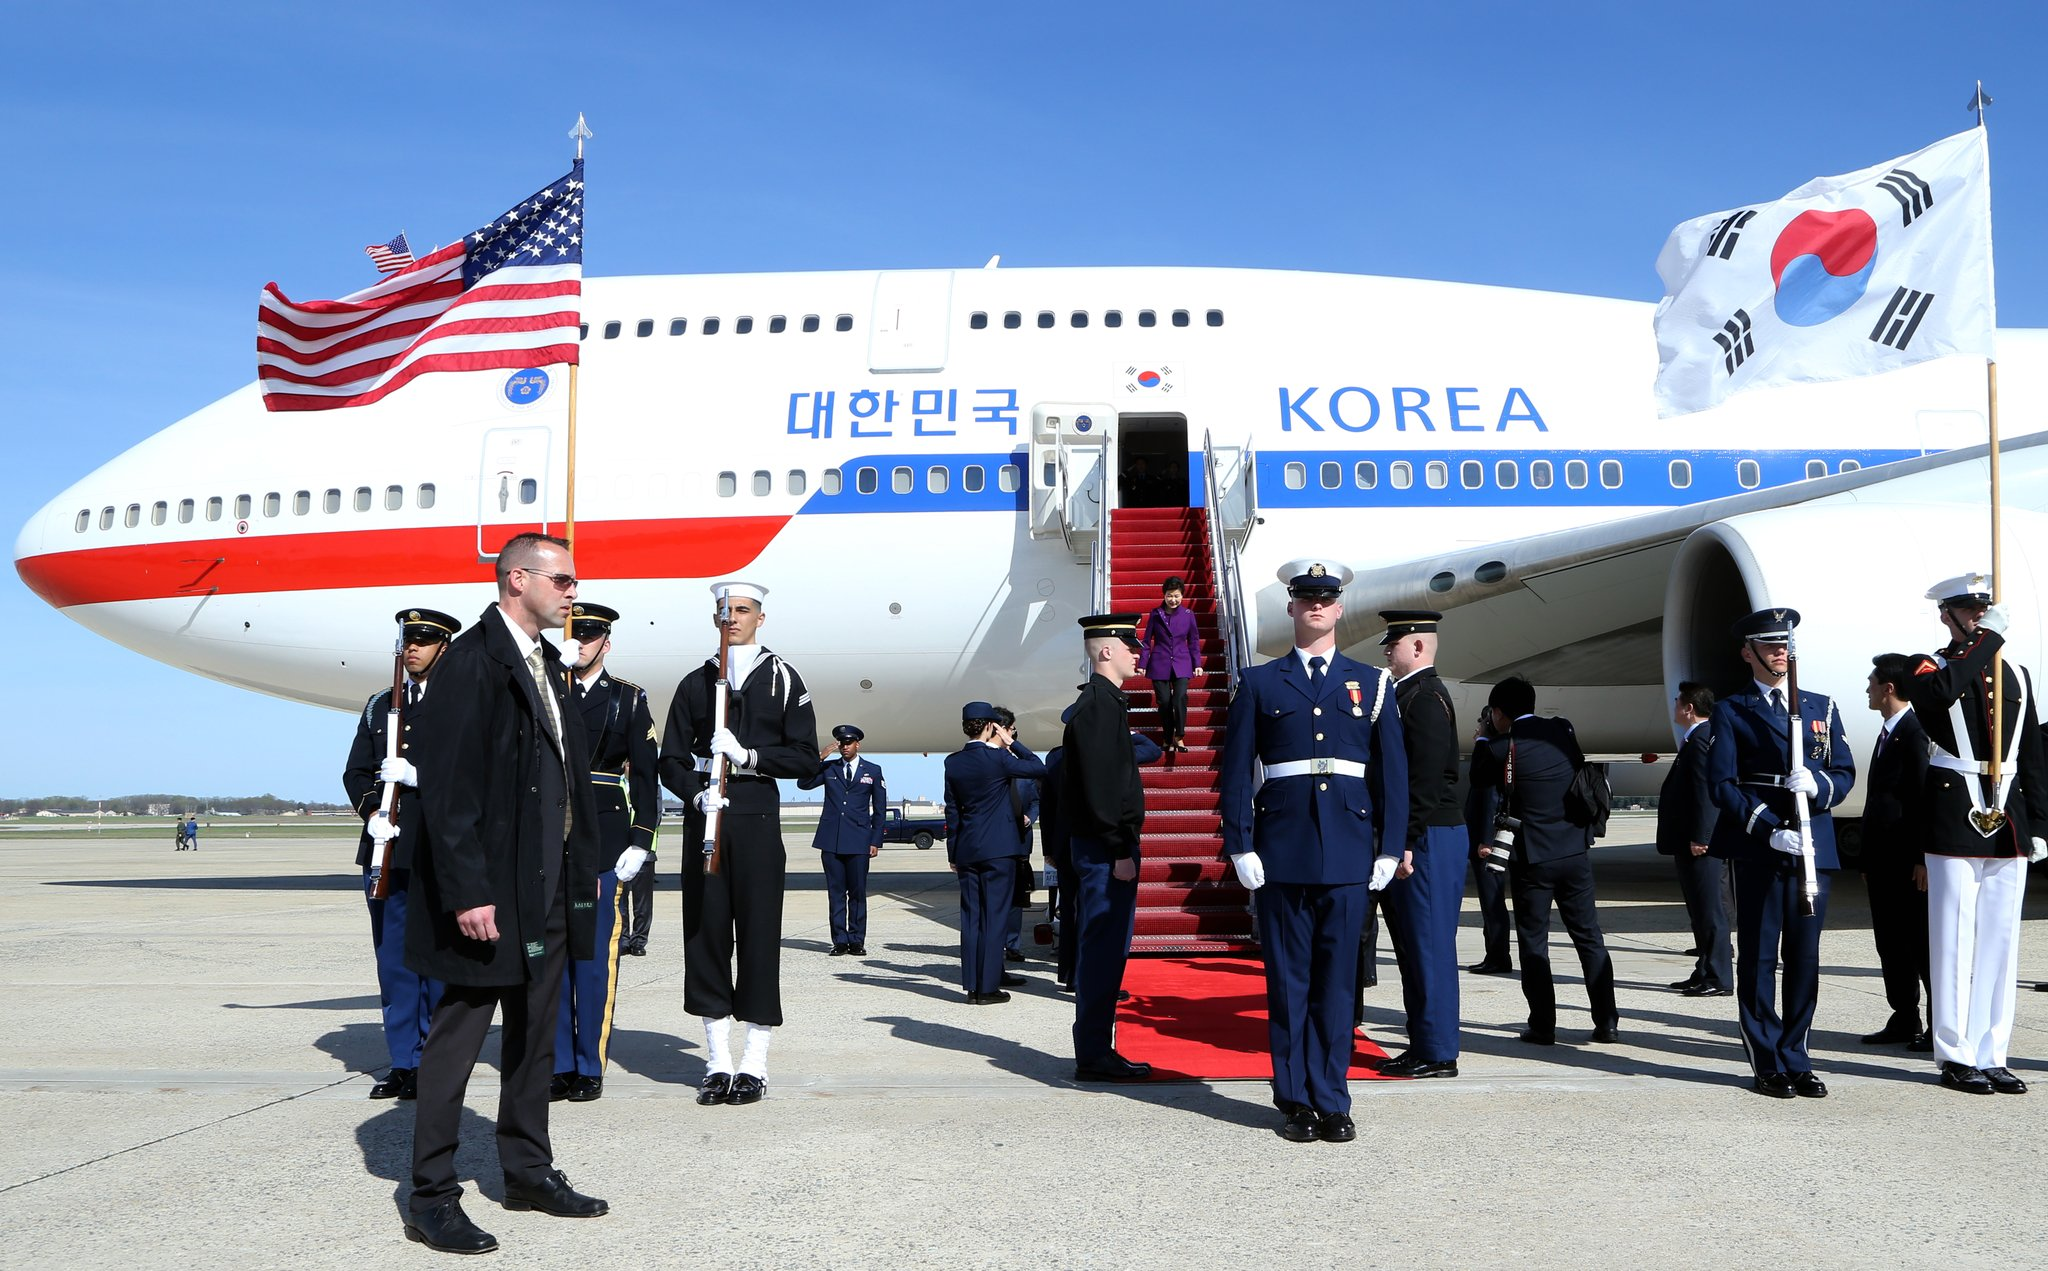 지난 2016년 3월 30일(현지시간) 오후 박근혜 당시 대통령이 핵안보정상회의 참석을 위해 미국 워싱턴DC 인근 메릴랜드주 세인트 앤드류스 공군기지에 도착하고 있다.김상선 기자